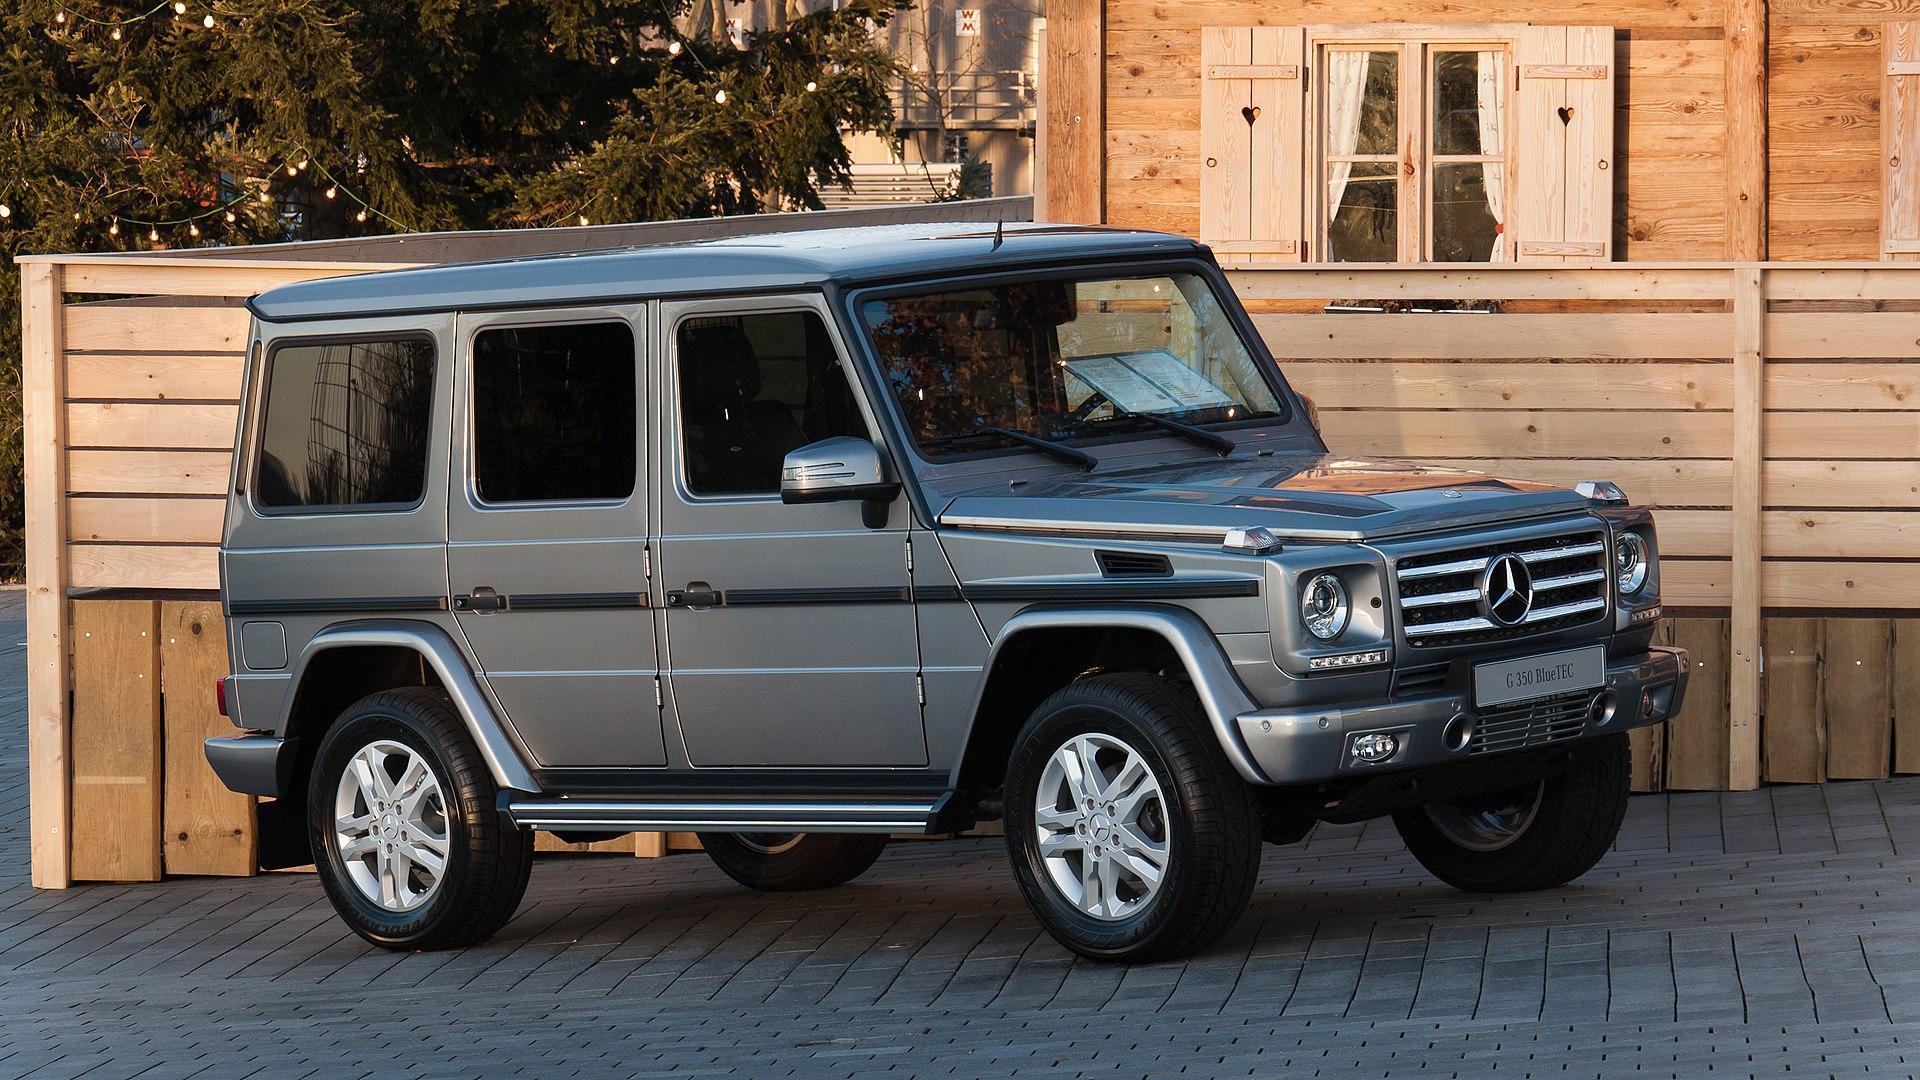 Mercedes Benz G Class Wikipedia